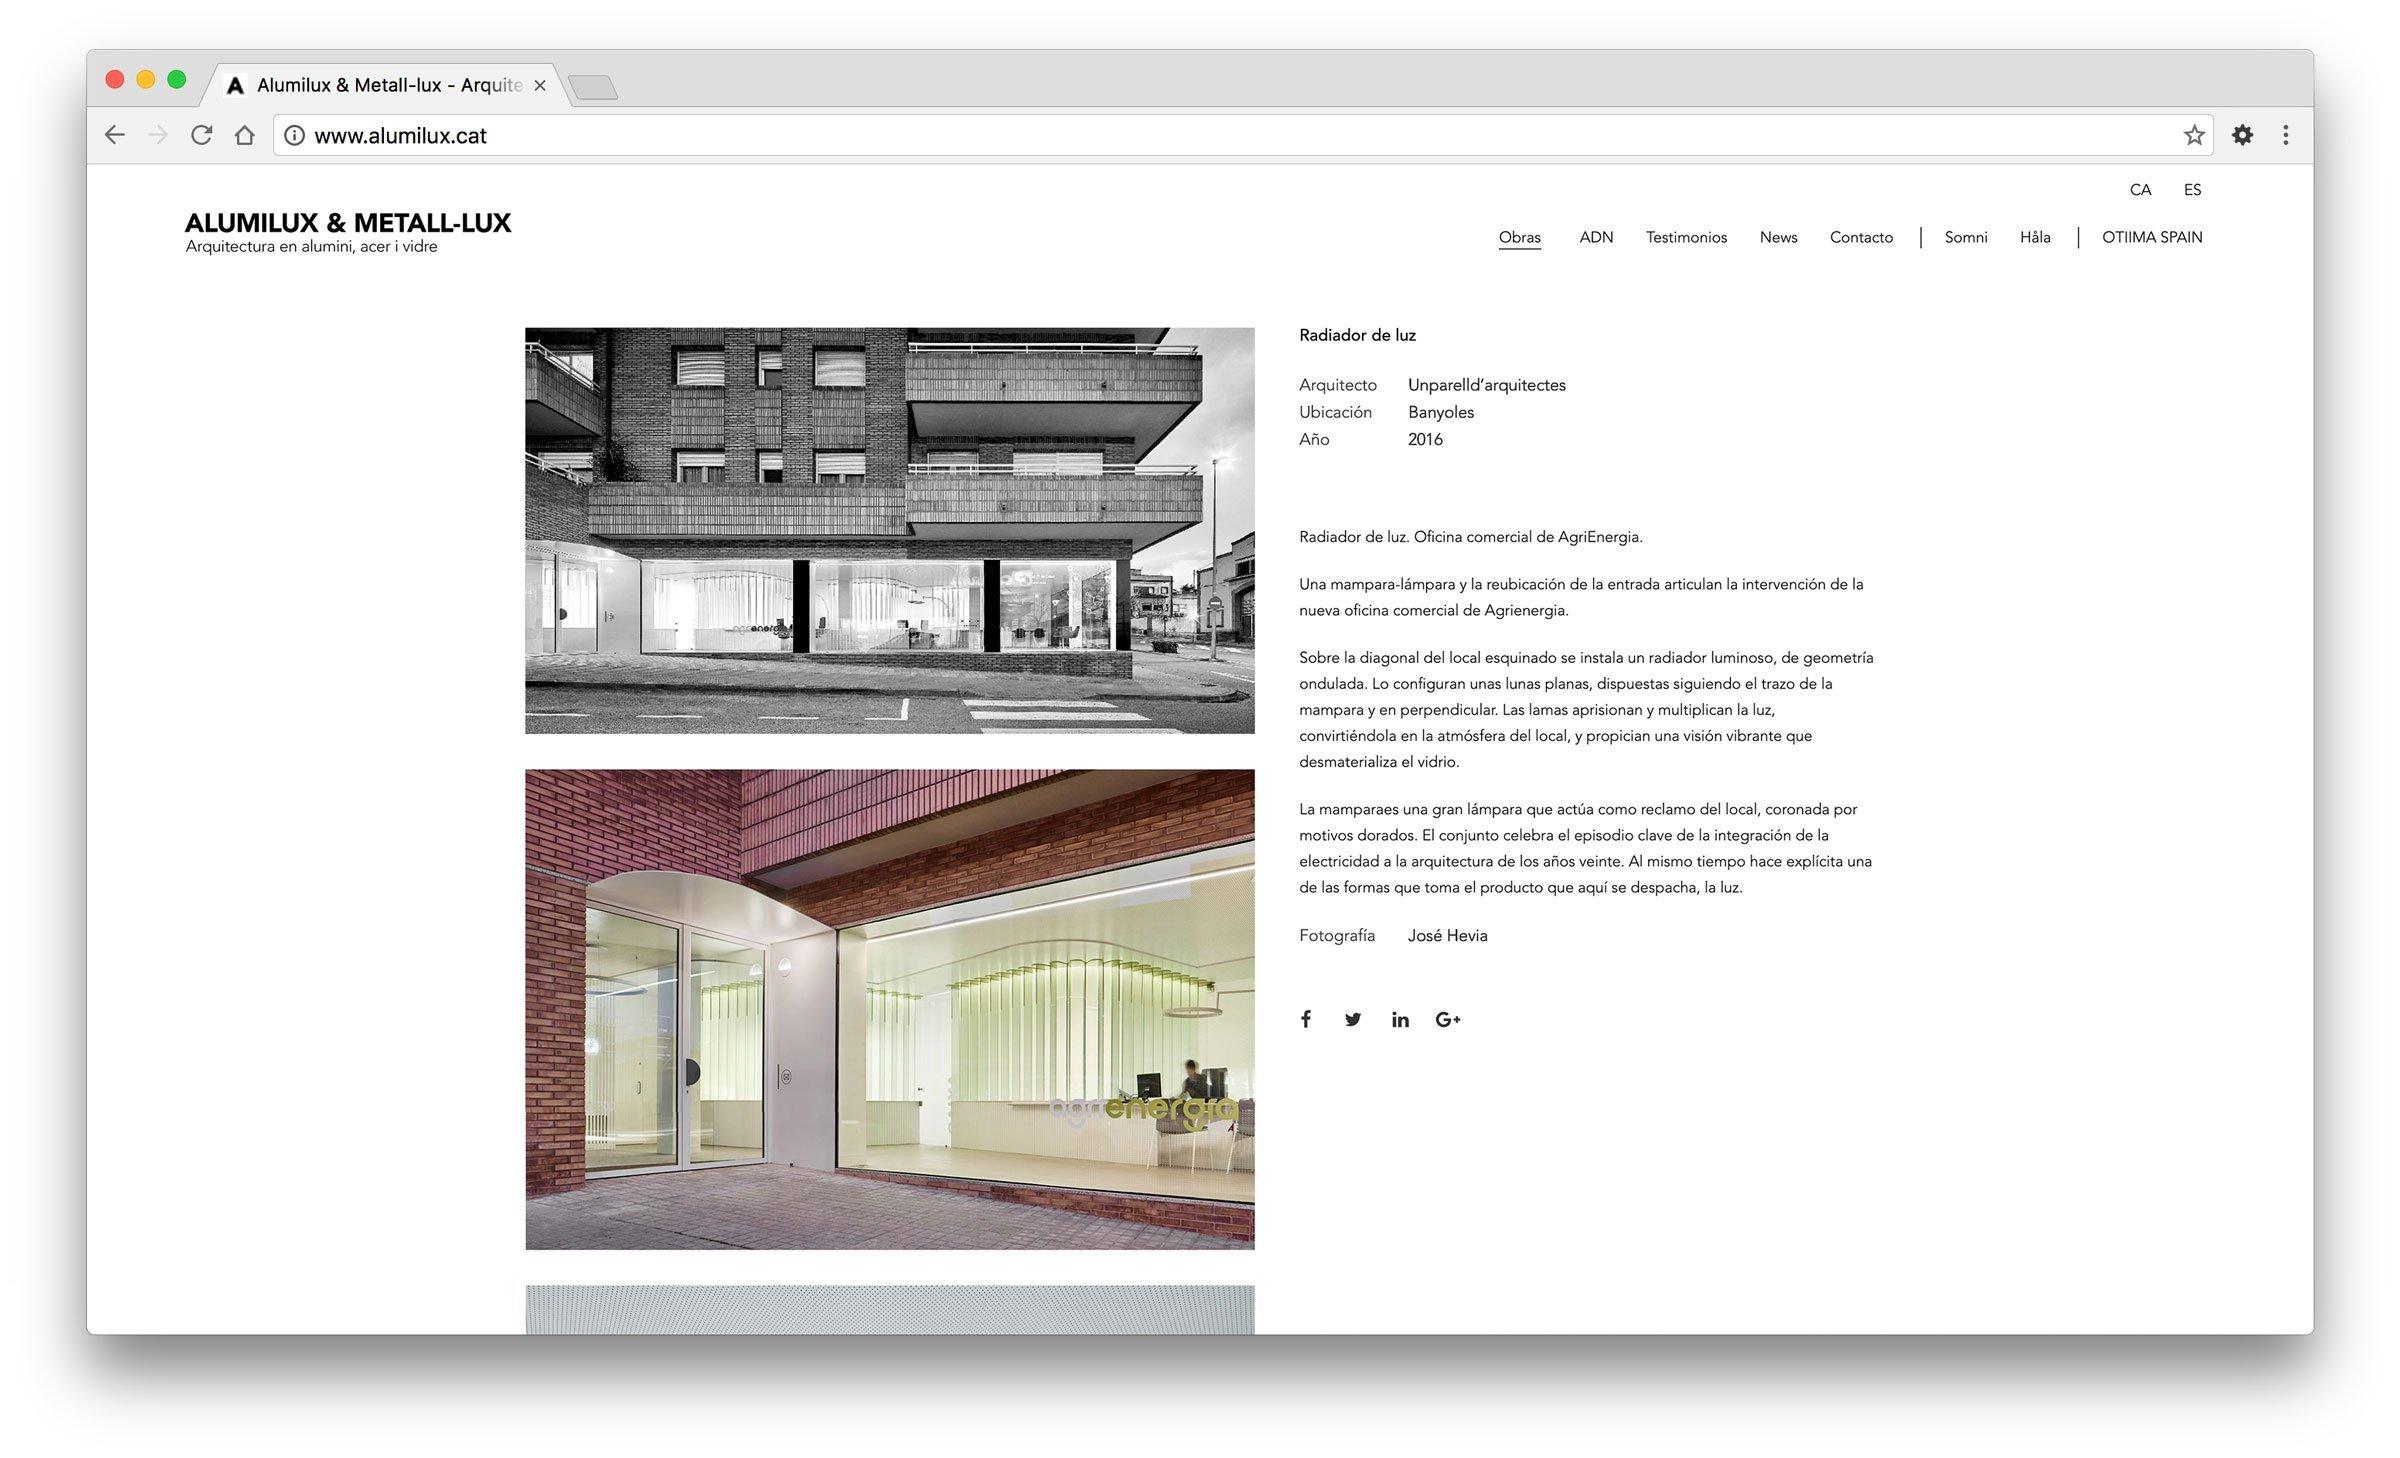 Disseny d'una web multiidioma amb Wordpress per Alumilux